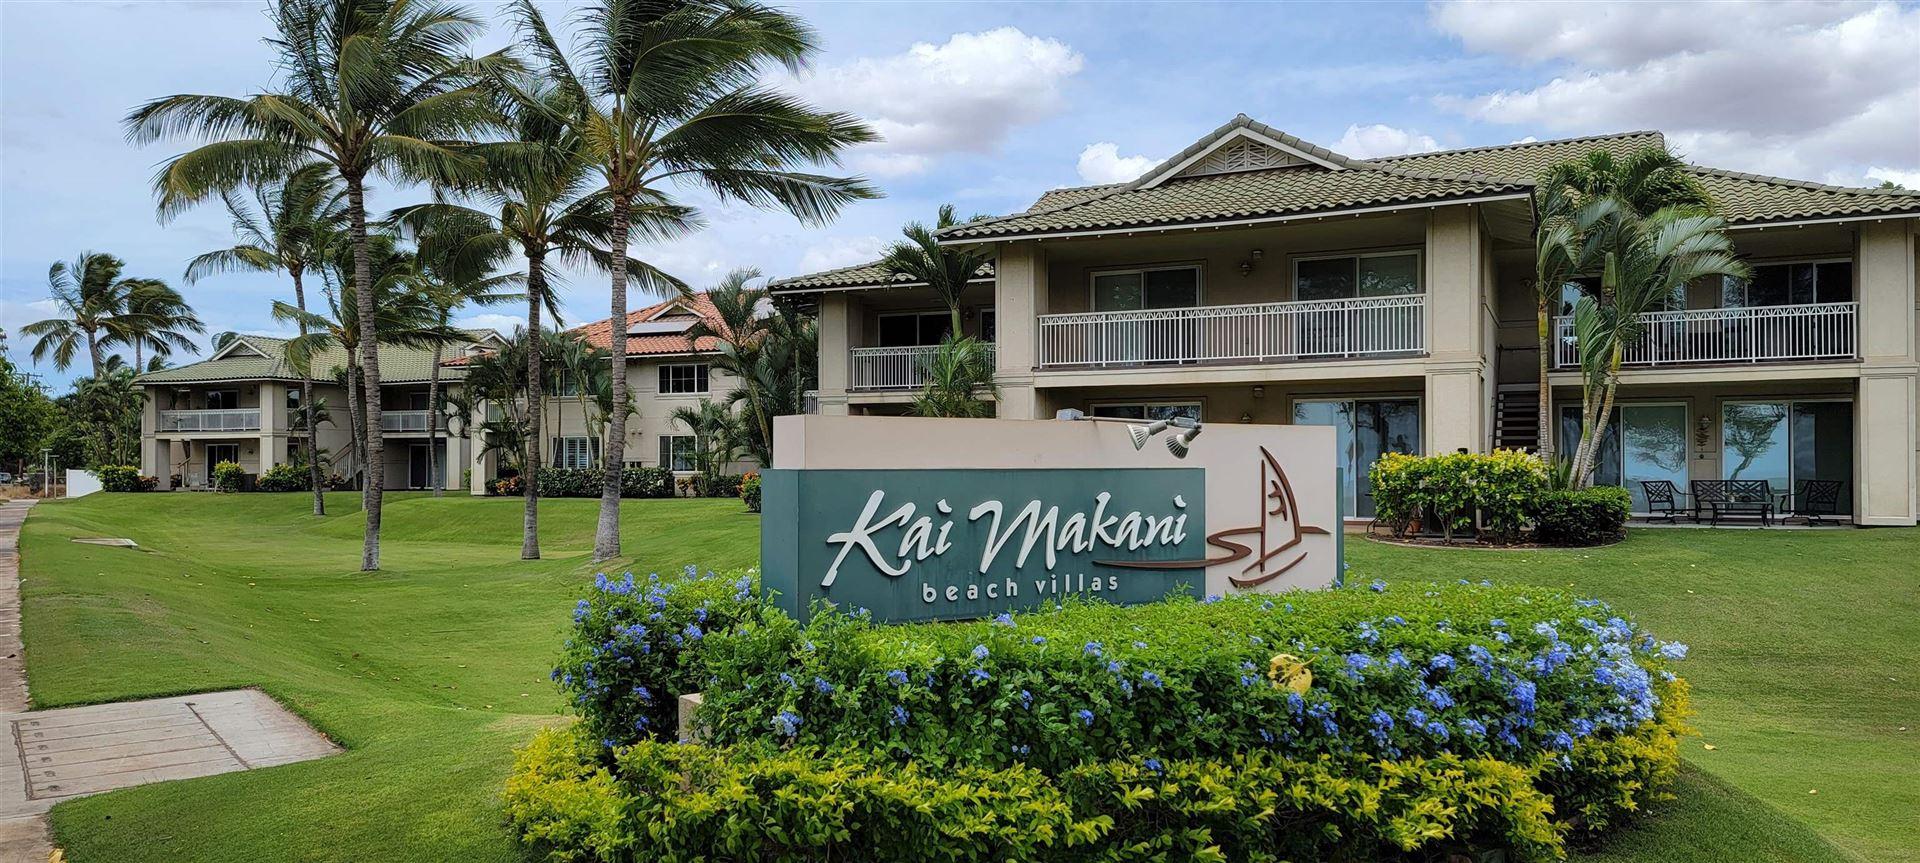 Photo of 18 Kai Makani Loop #E203, Kihei, HI 96753 (MLS # 393091)